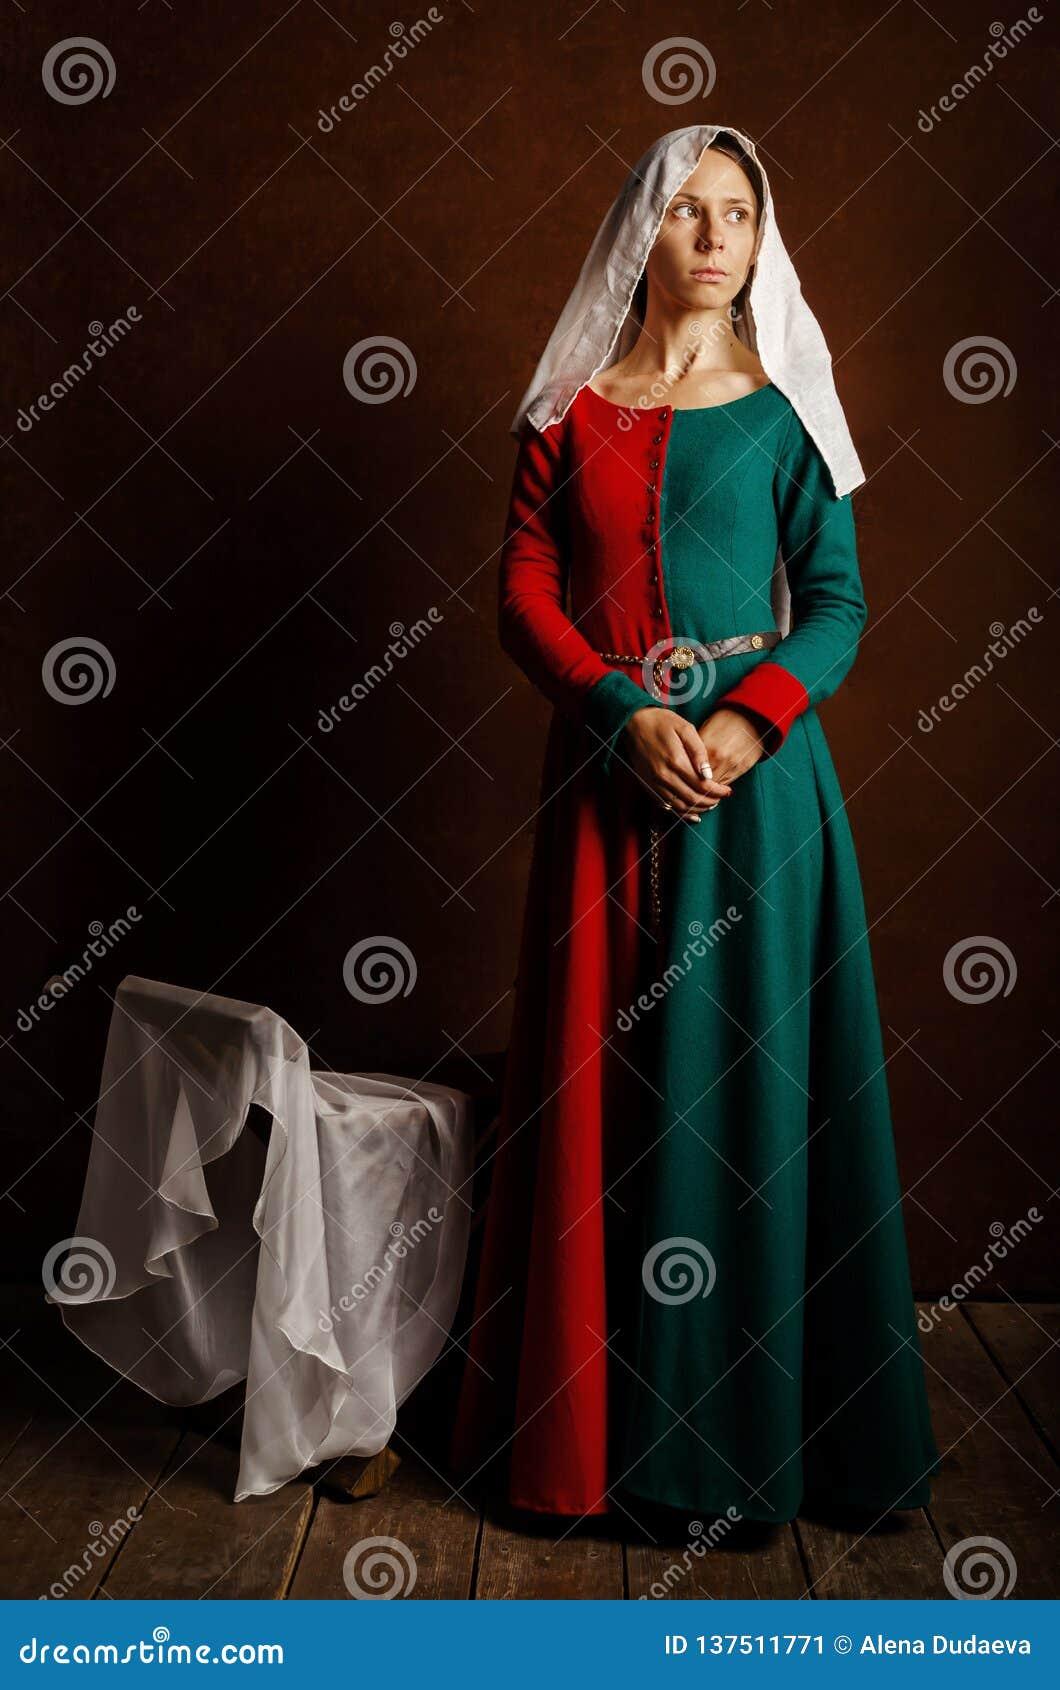 Retrato de uma menina bonita em um vestido medieval em vermelho e em verde em um fundo marrom